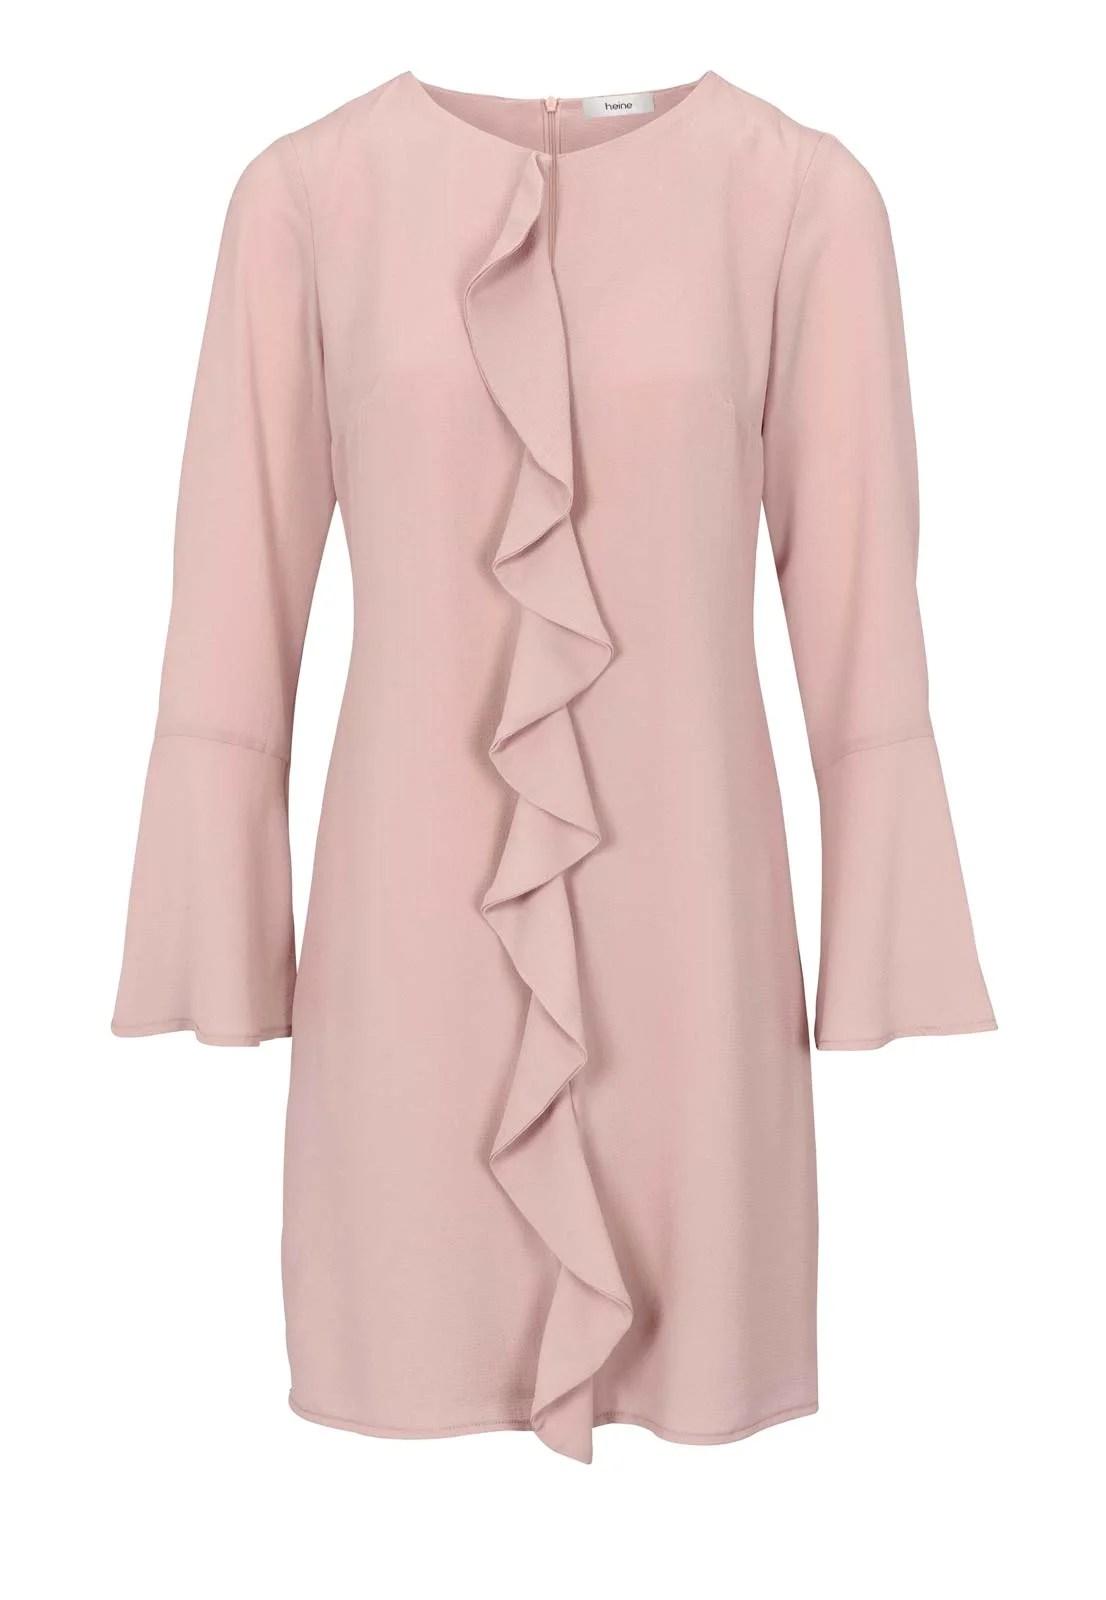 623.930 HEINE Damen Designer-Etuikleid m. Volants Rosé